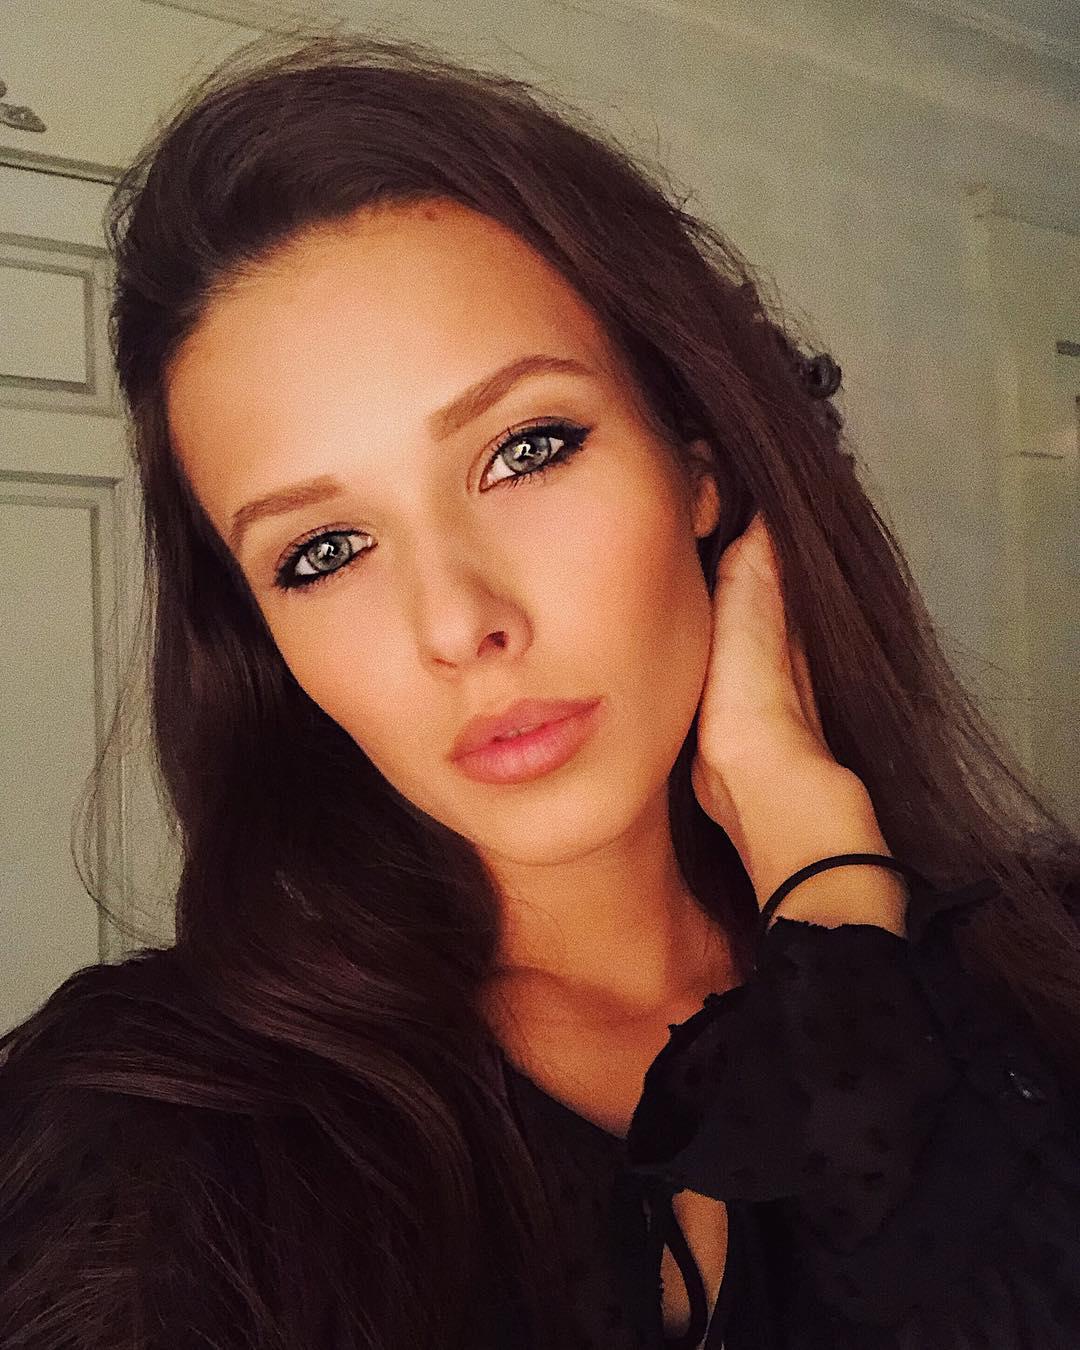 Екатерина Селезнева - новая звезда российской художественной гимнастики (20 фото)